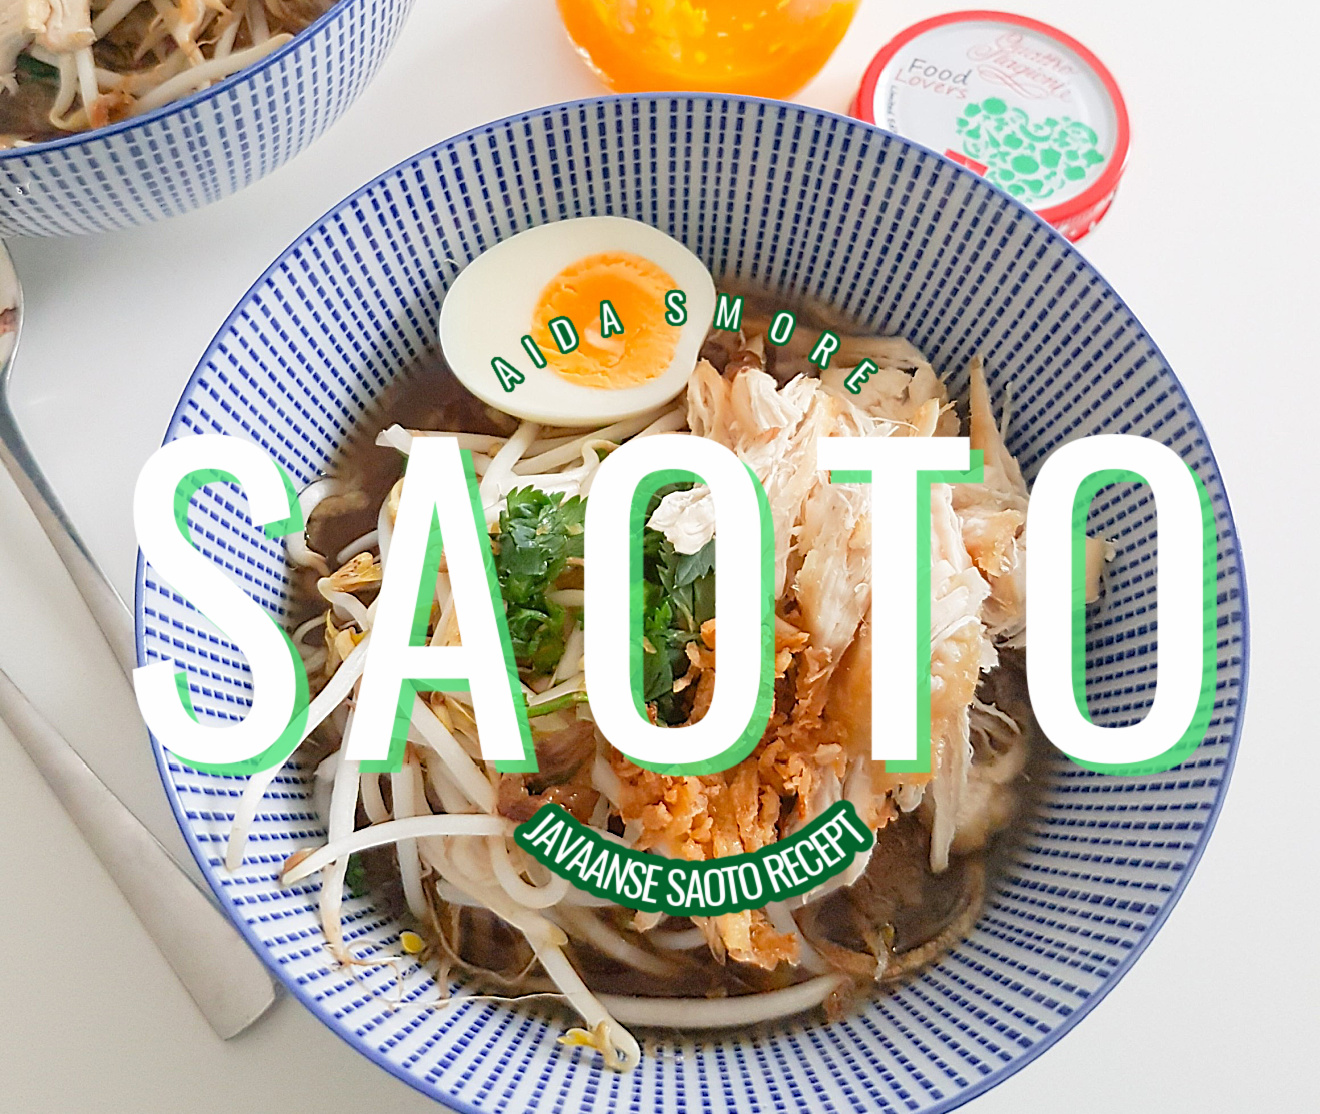 Javaanse Saoto Recept (AidaSmore)